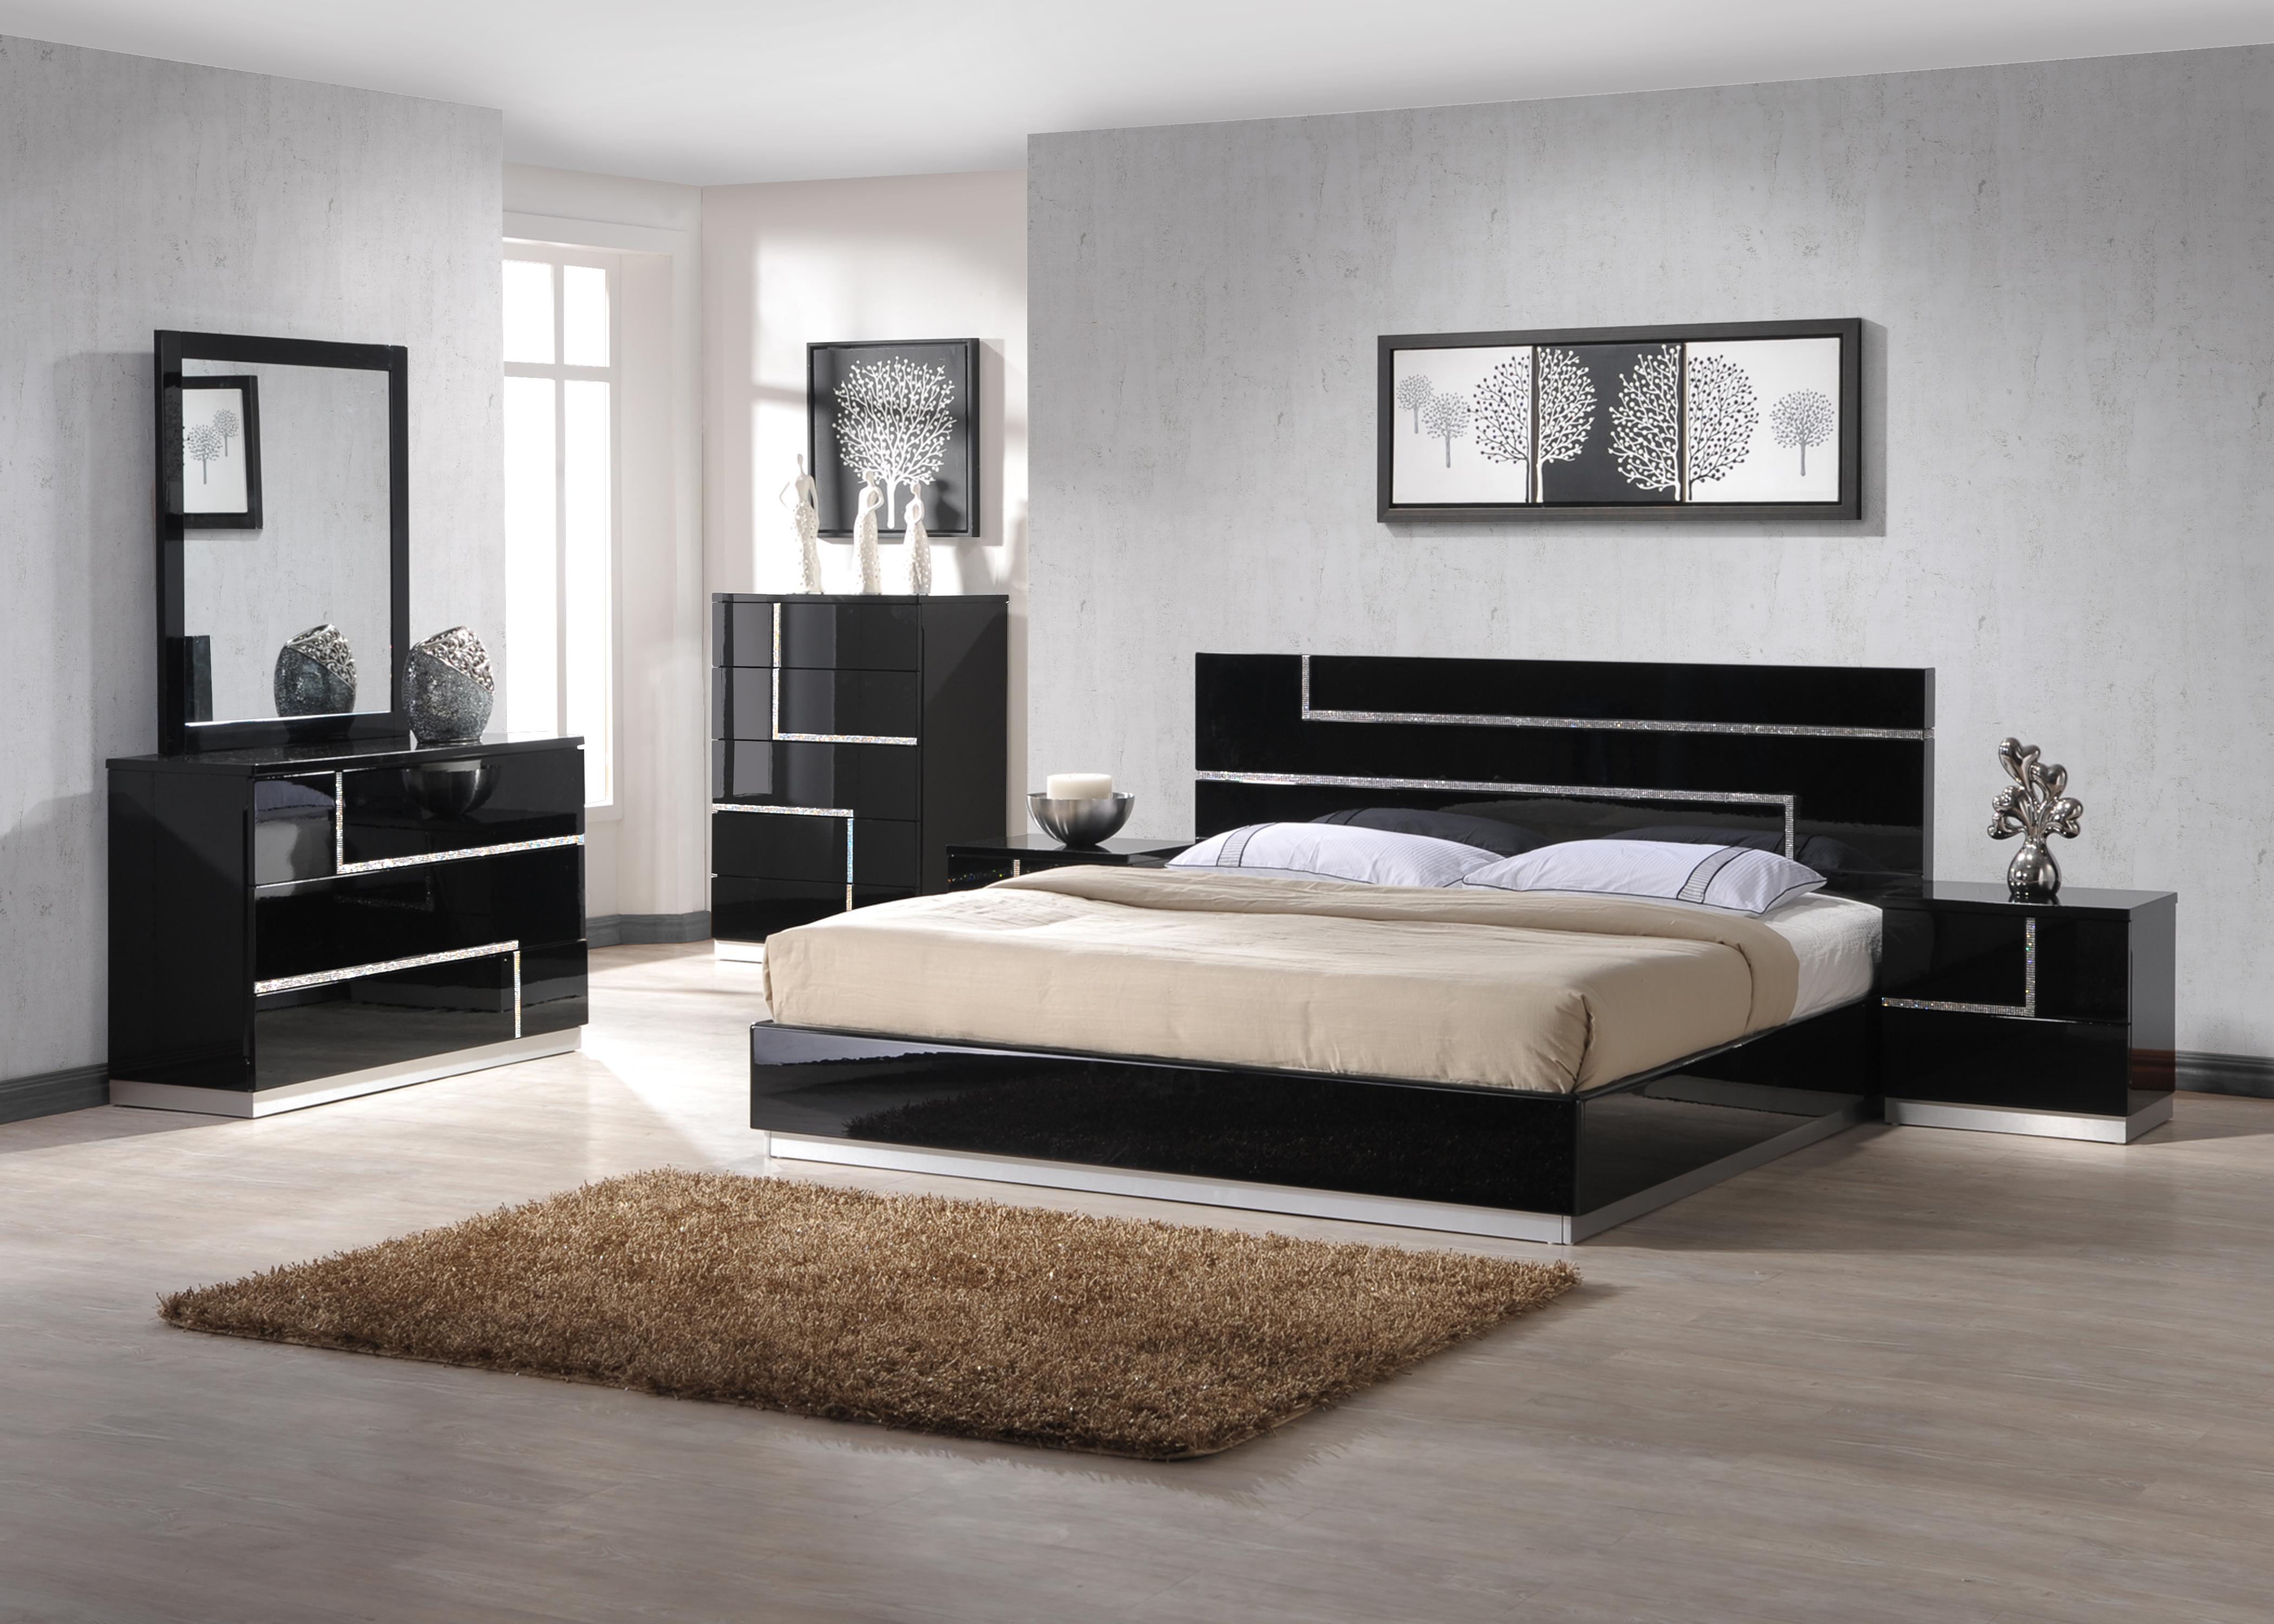 San Marino Furtado Furniture